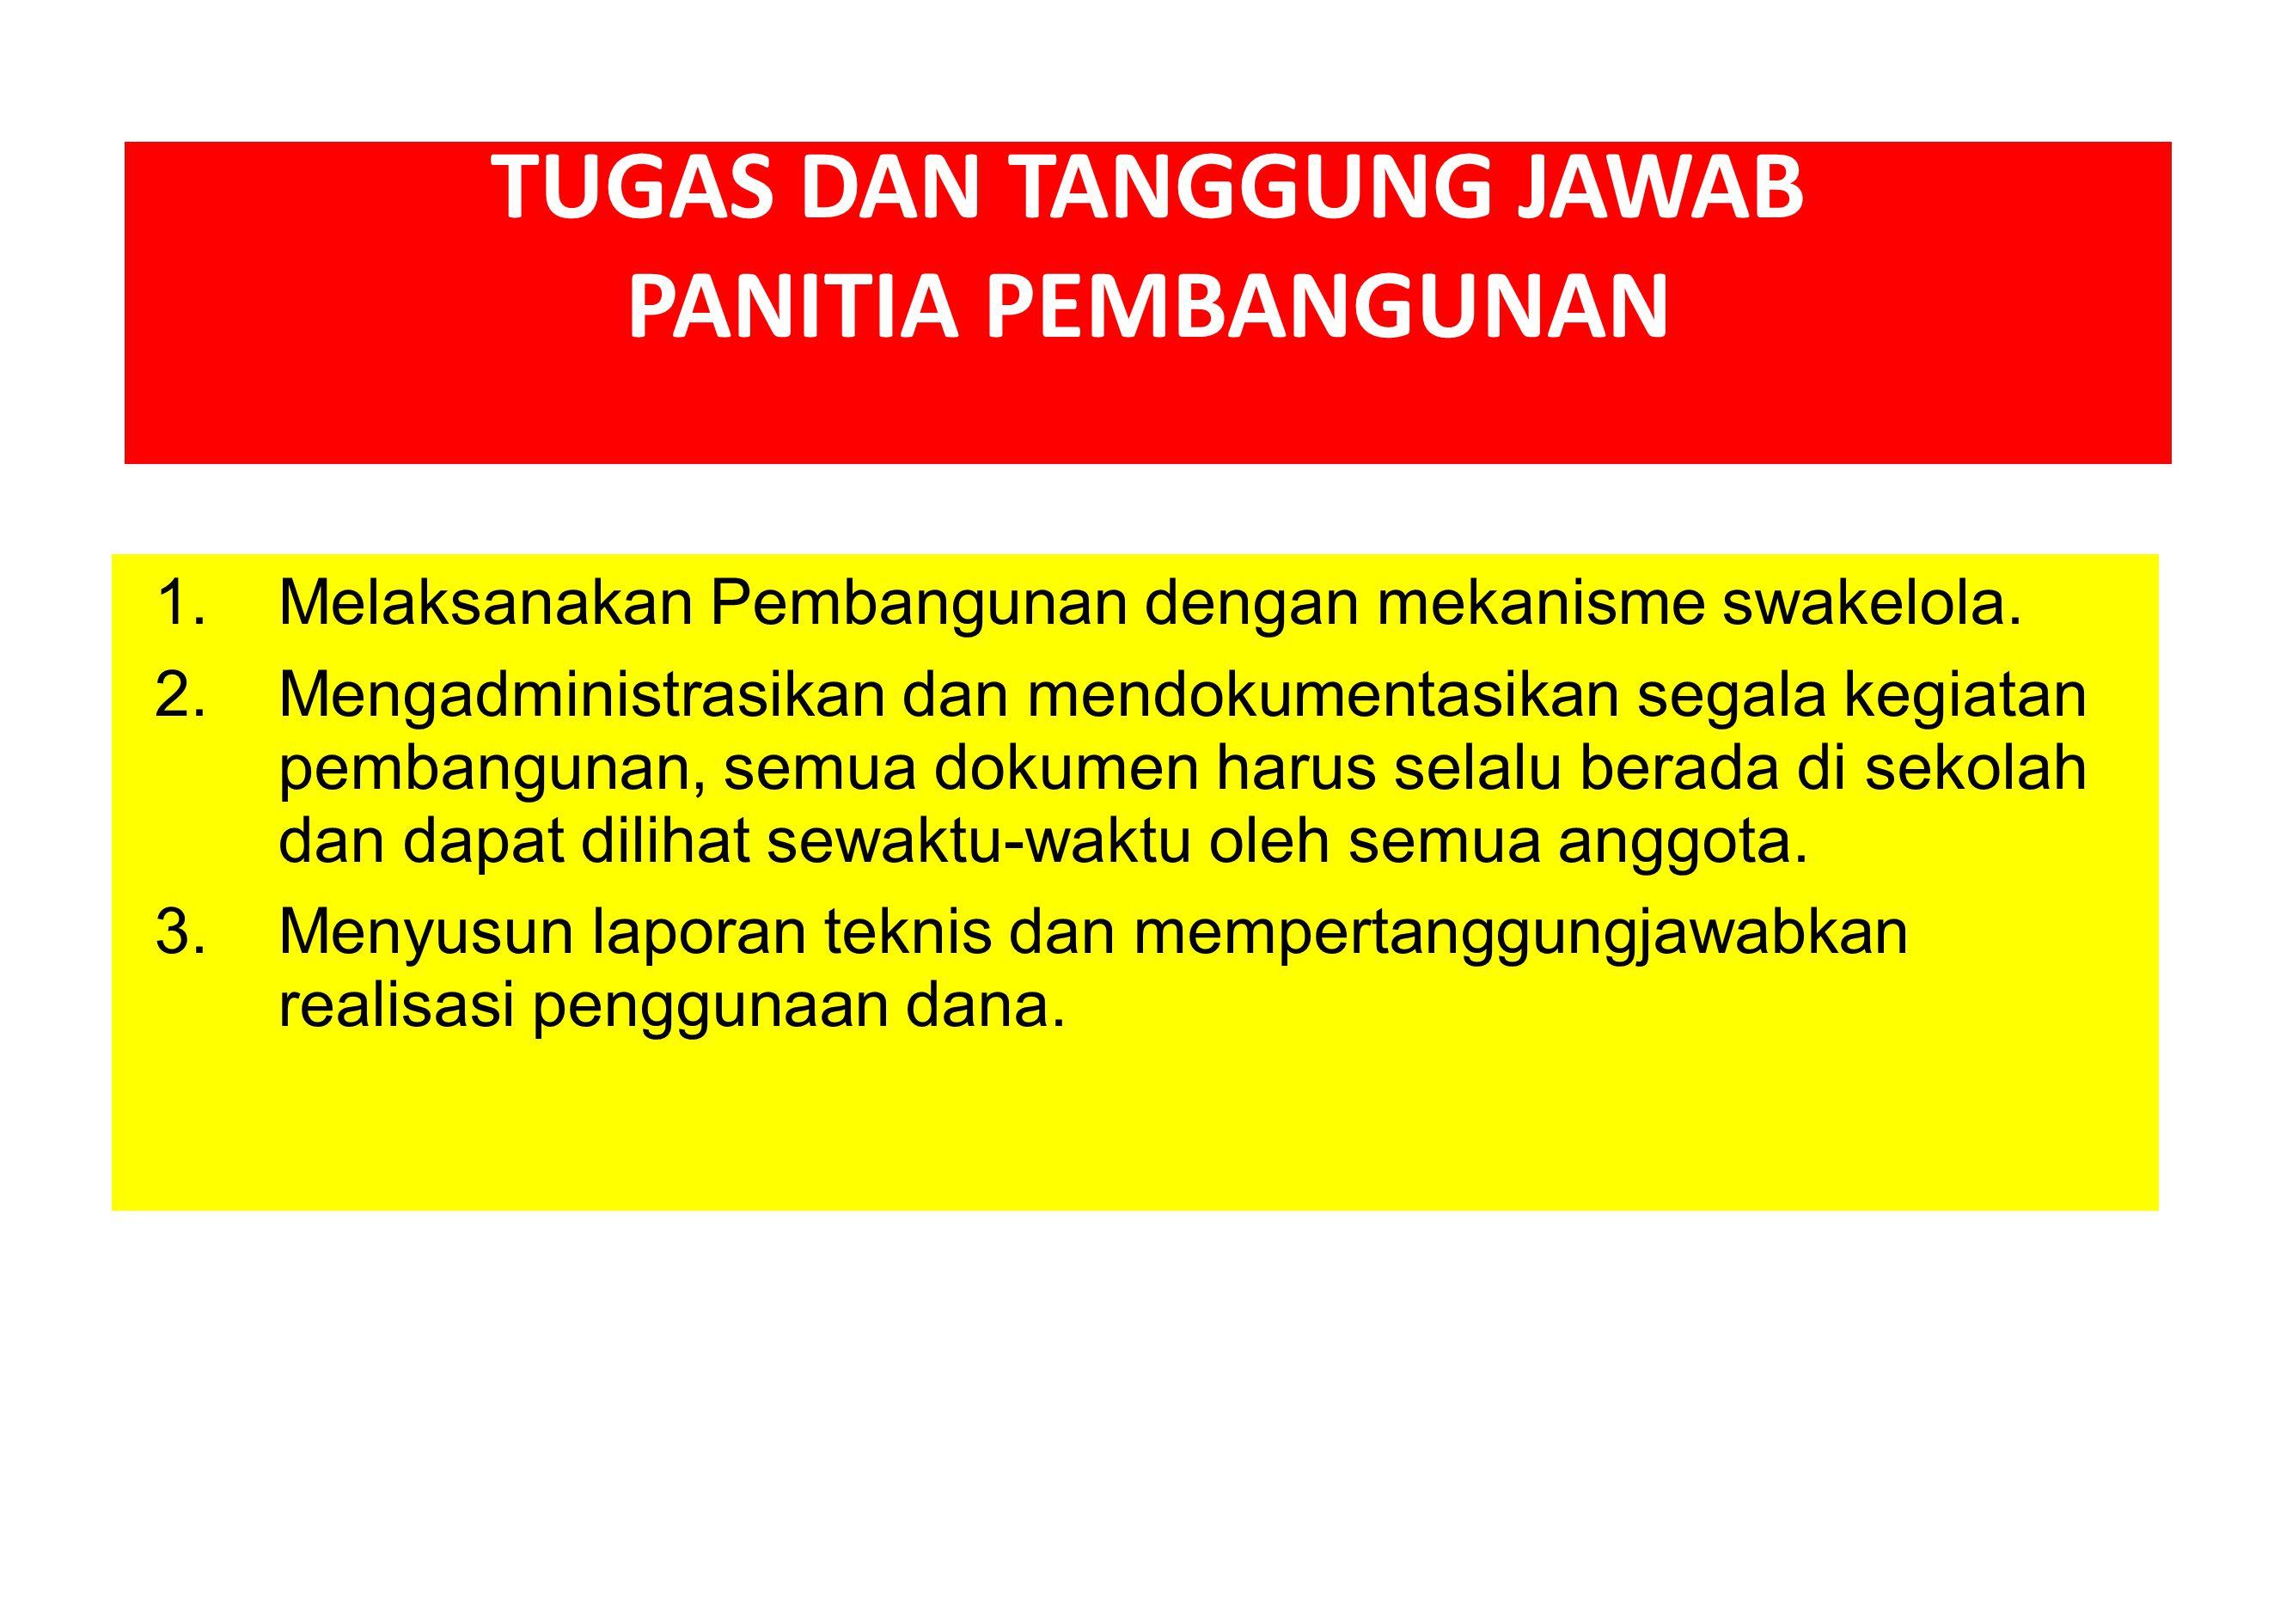 TUGAS DAN TANGGUNG JAWAB PANITIA PEMBANGUNAN